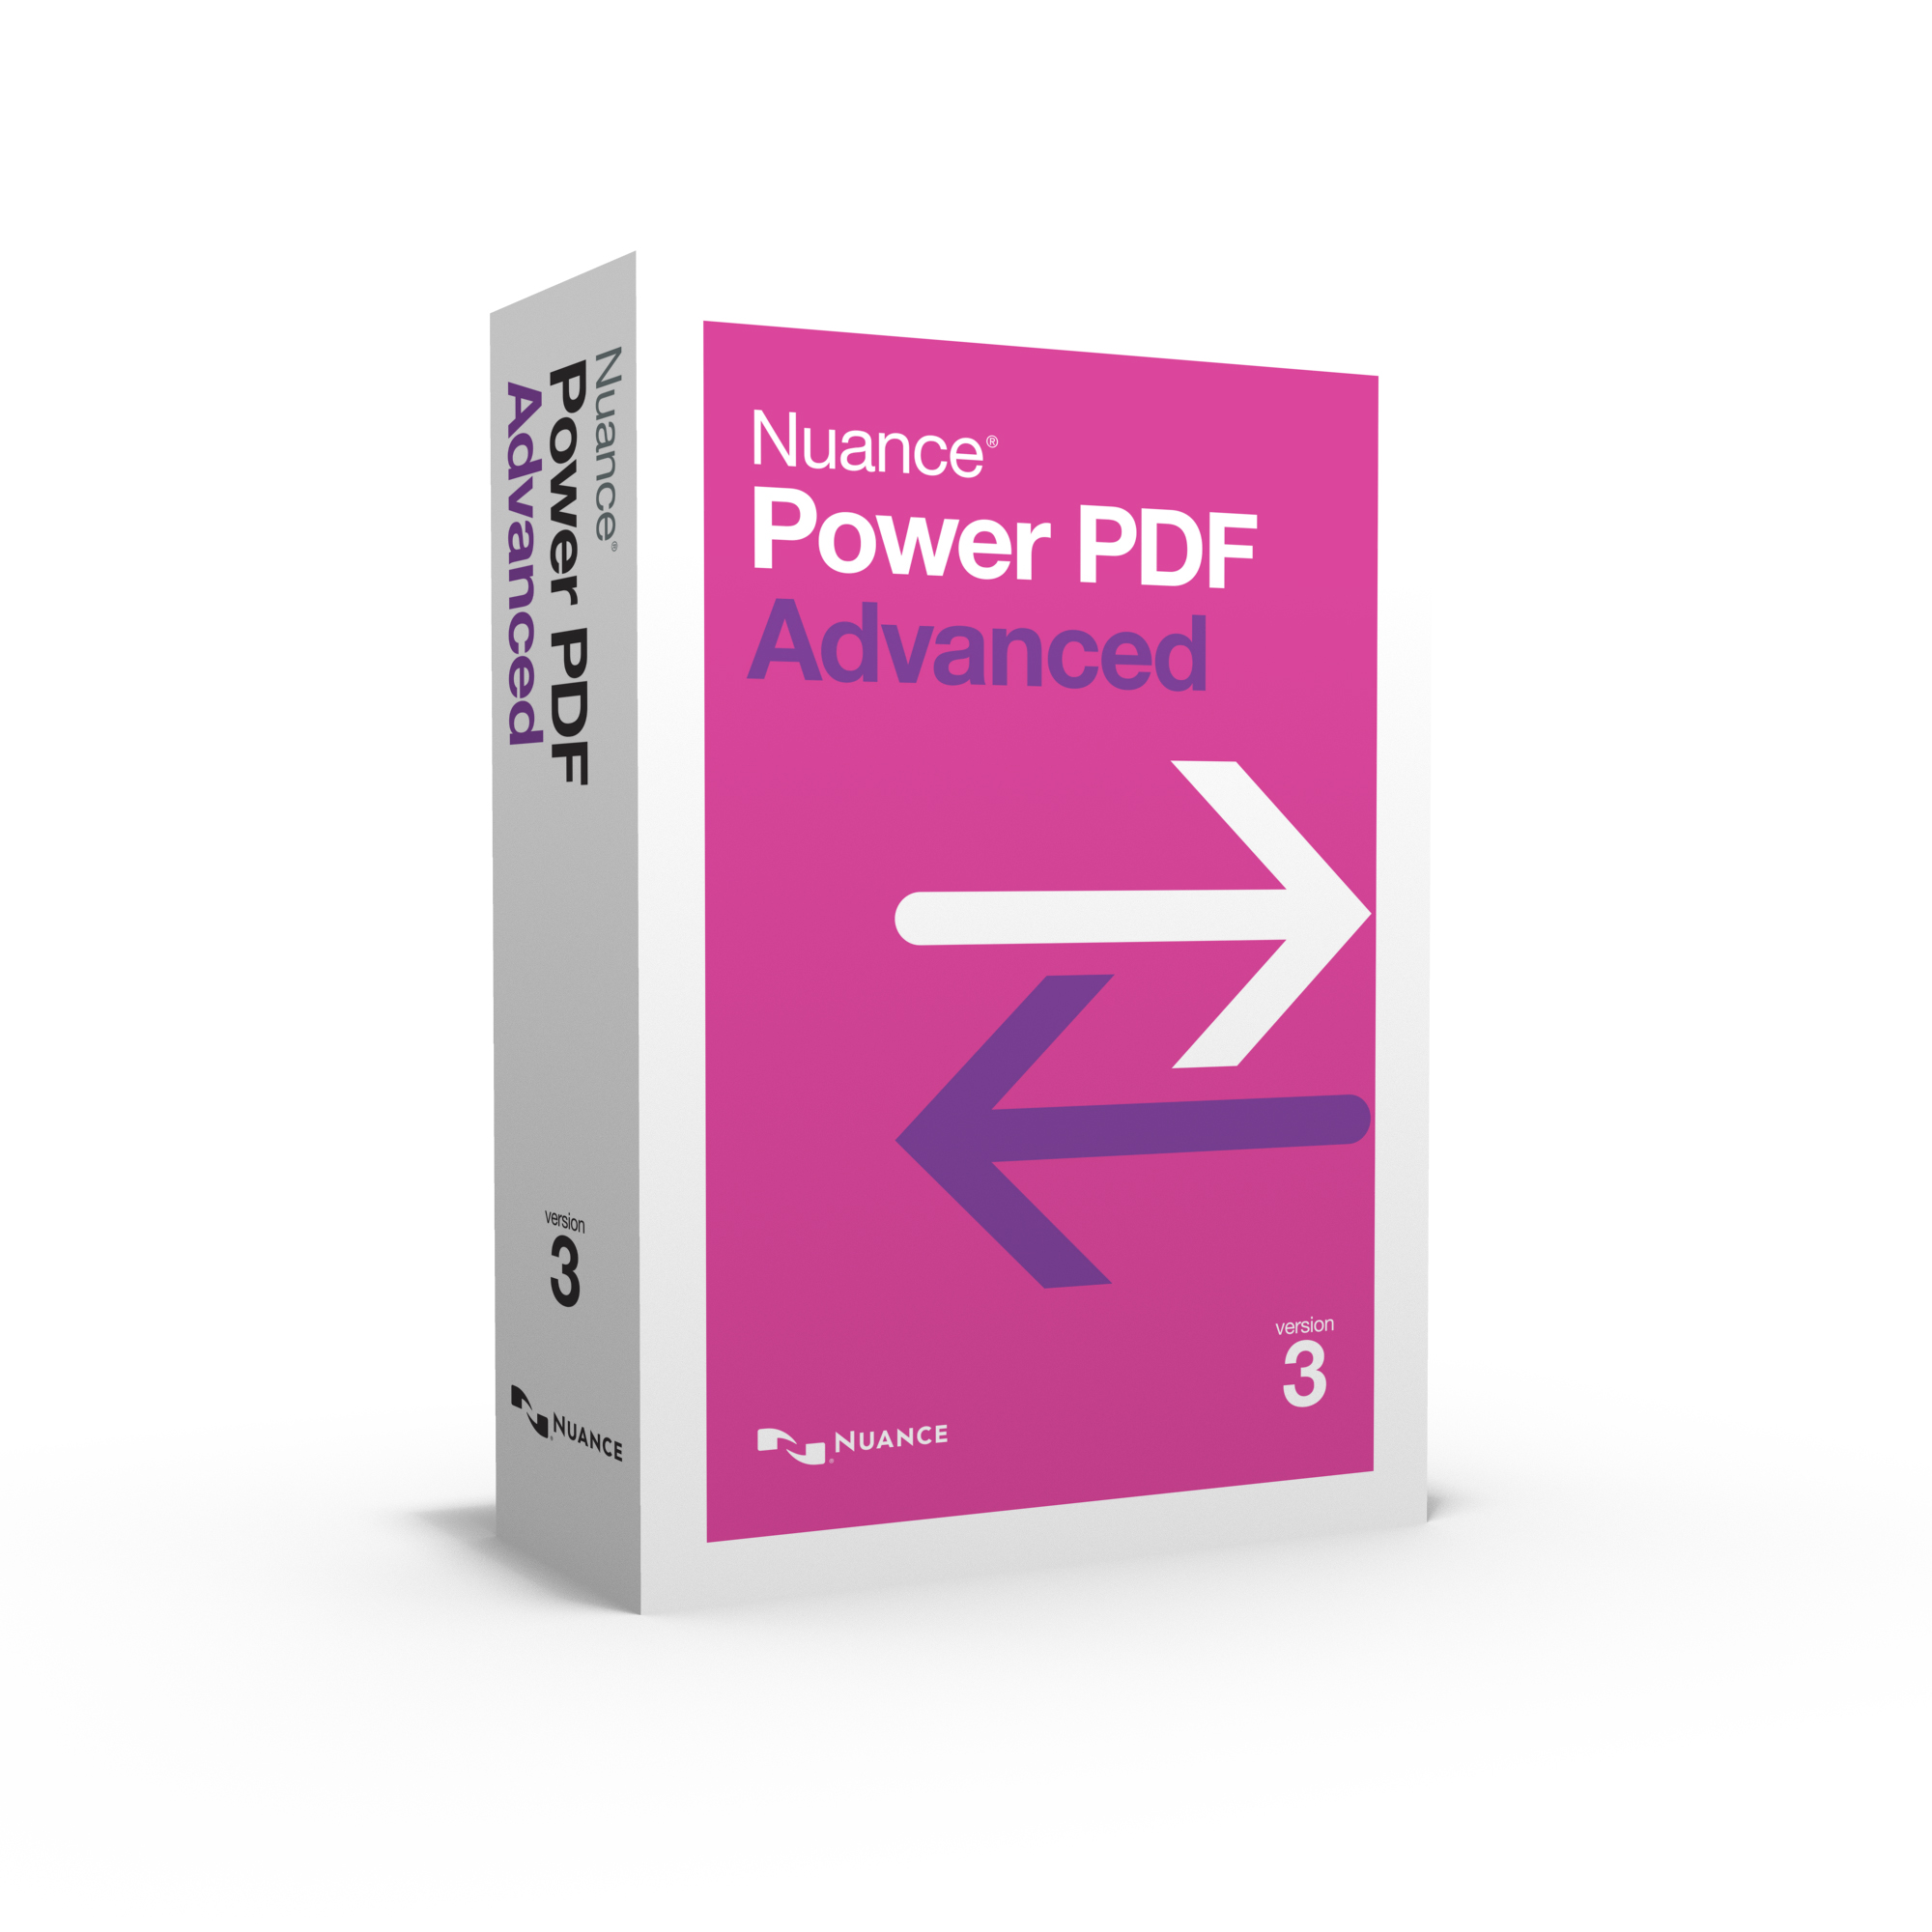 Power PDF 3 ottimizza la produttività grazie alla user experience